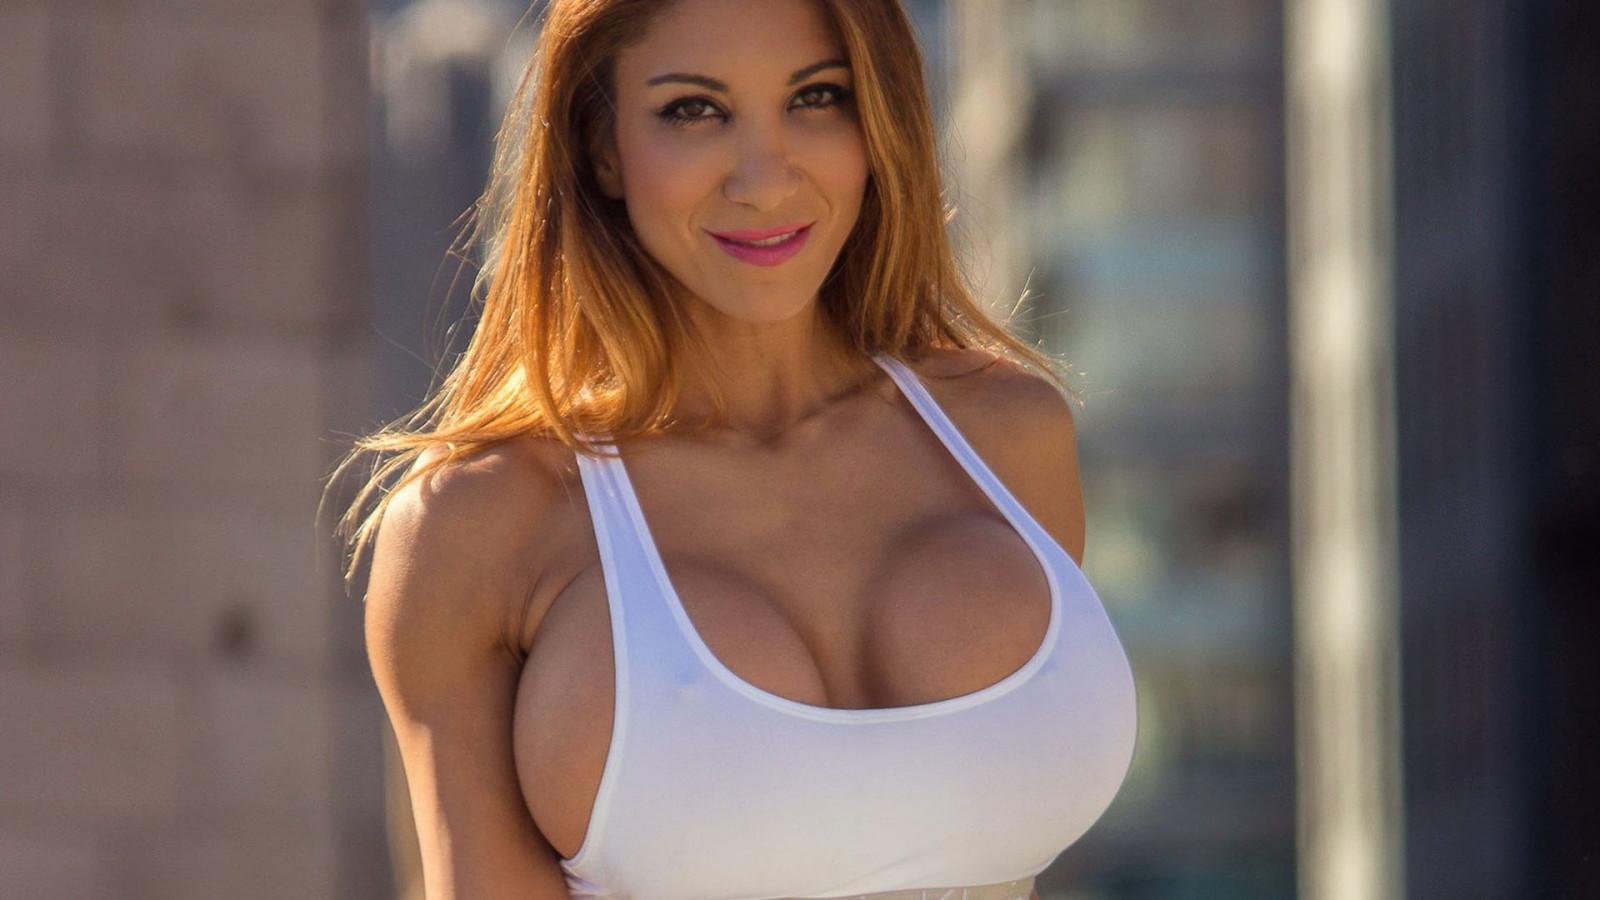 Смотреть фото с большими грудями